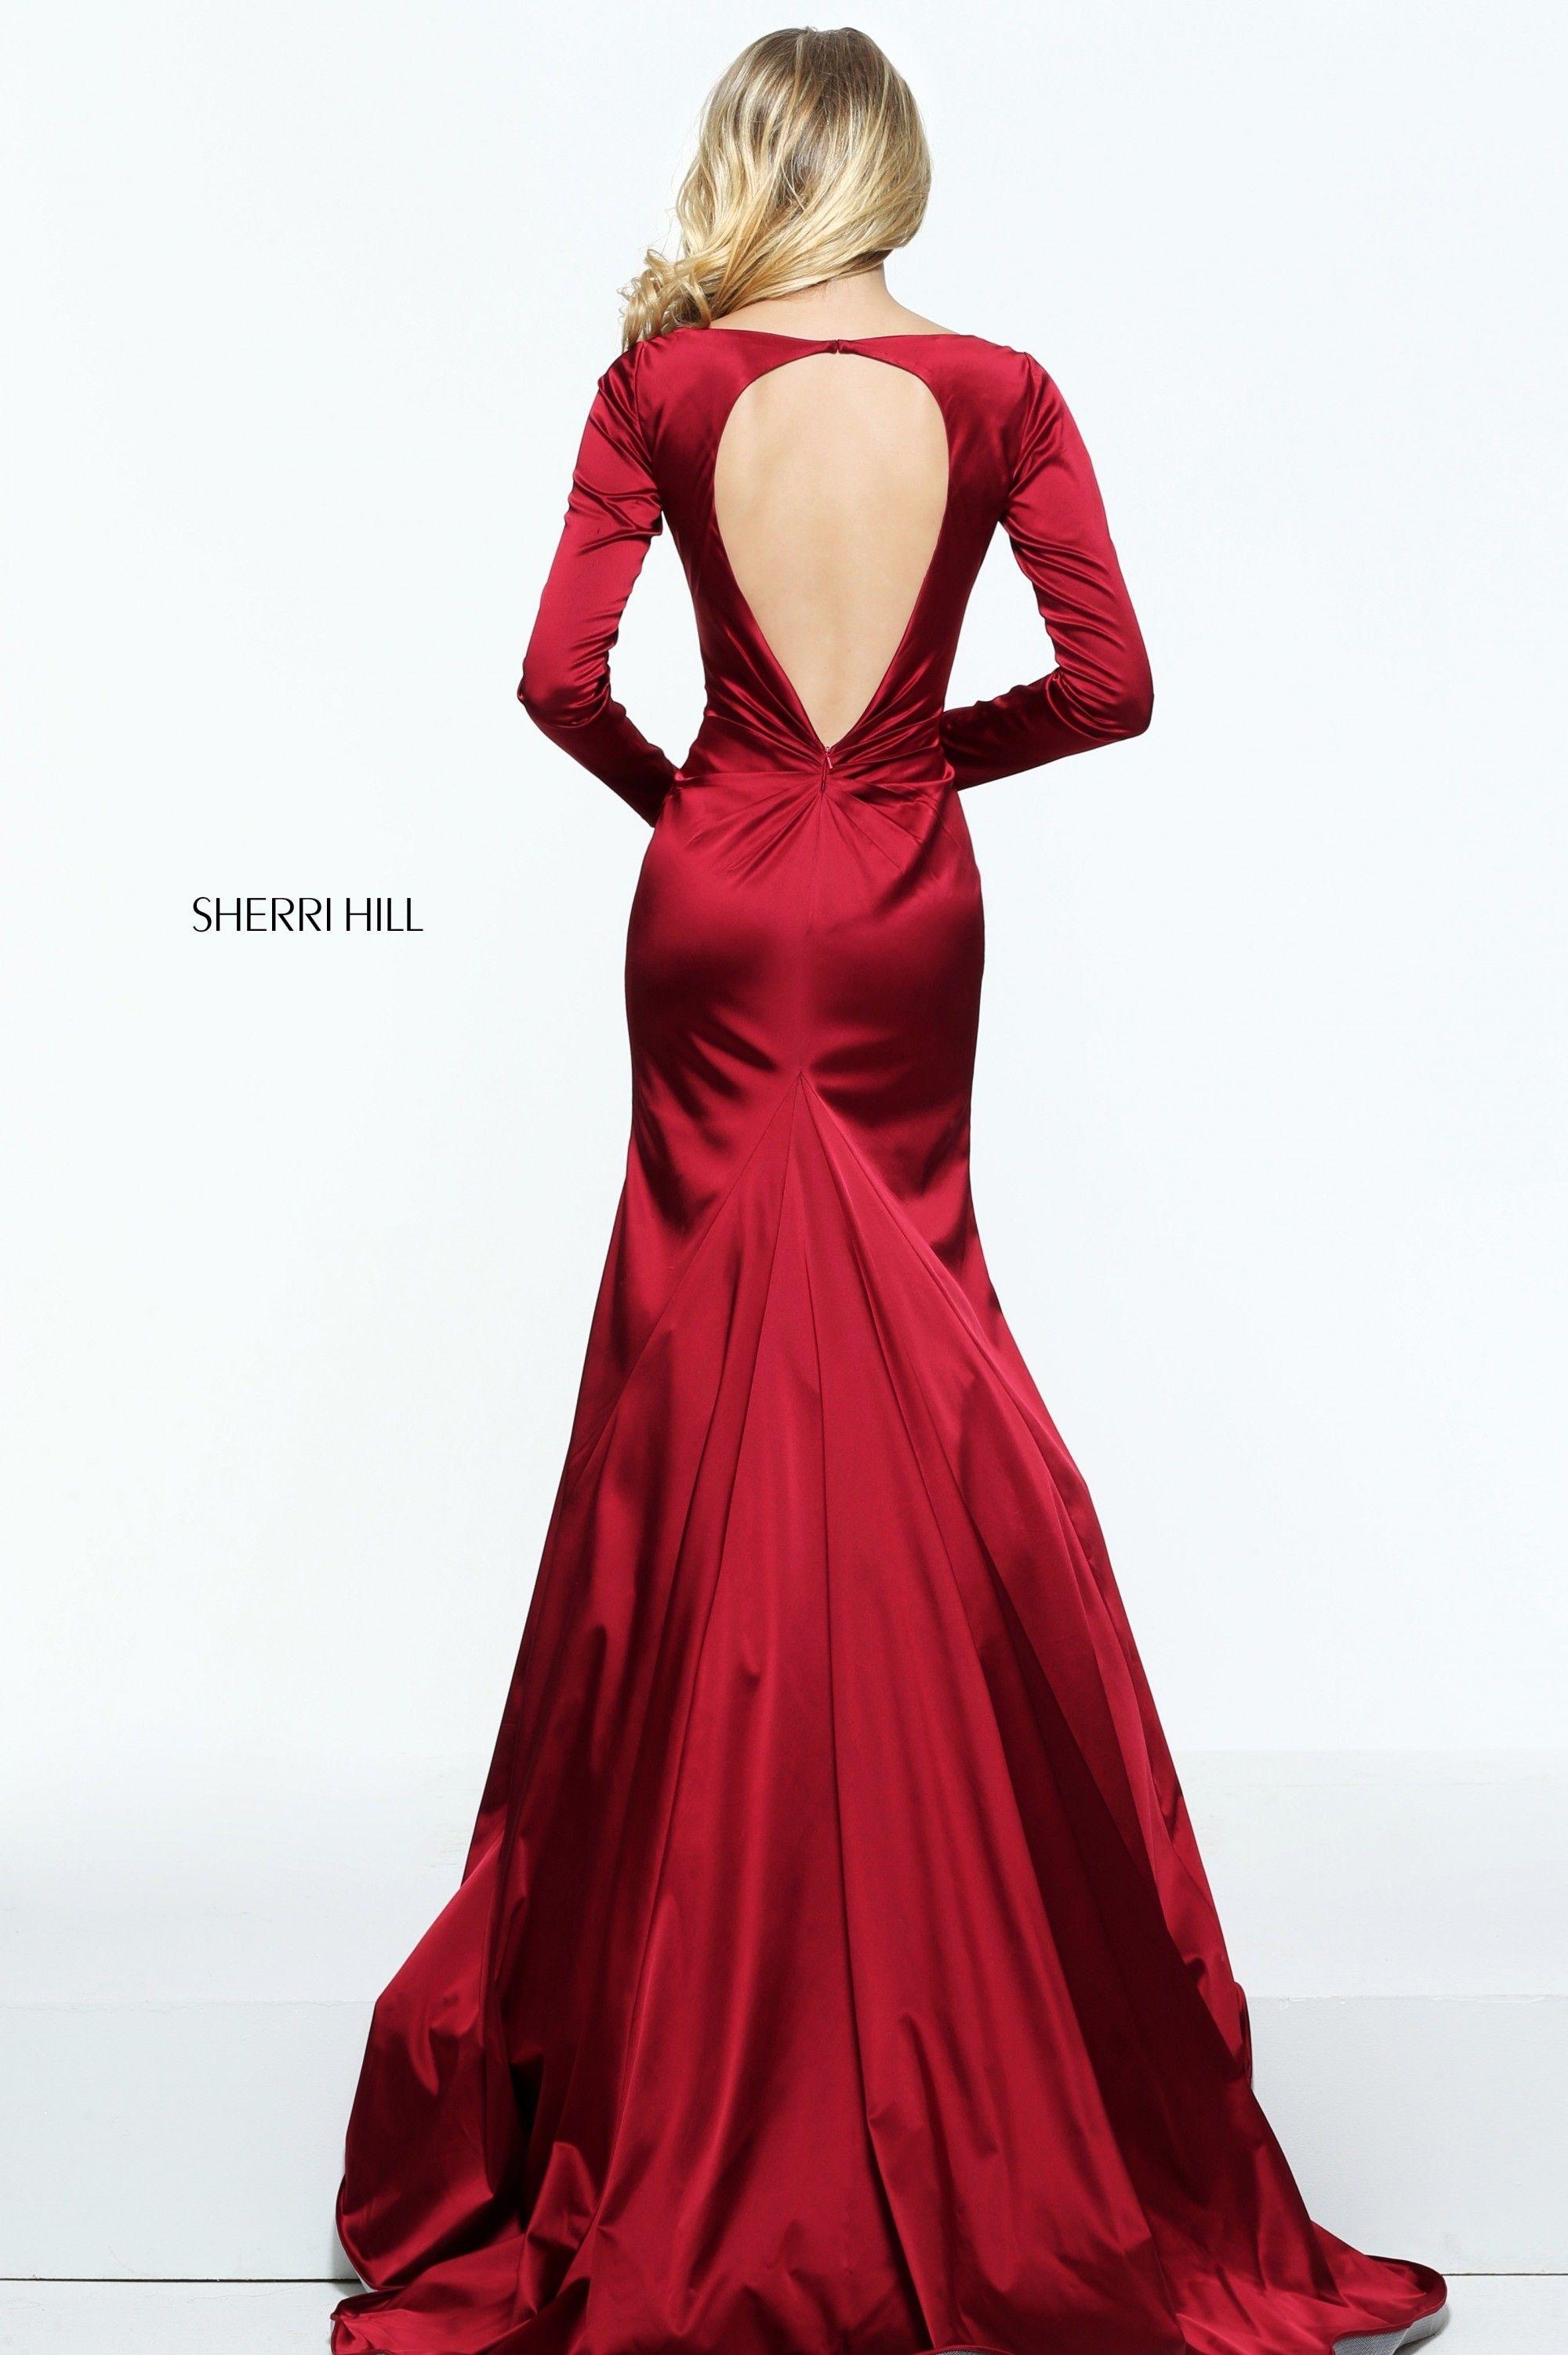 Sherri Hill 51005 Prom Dress. #sherrihill #promdress #prom